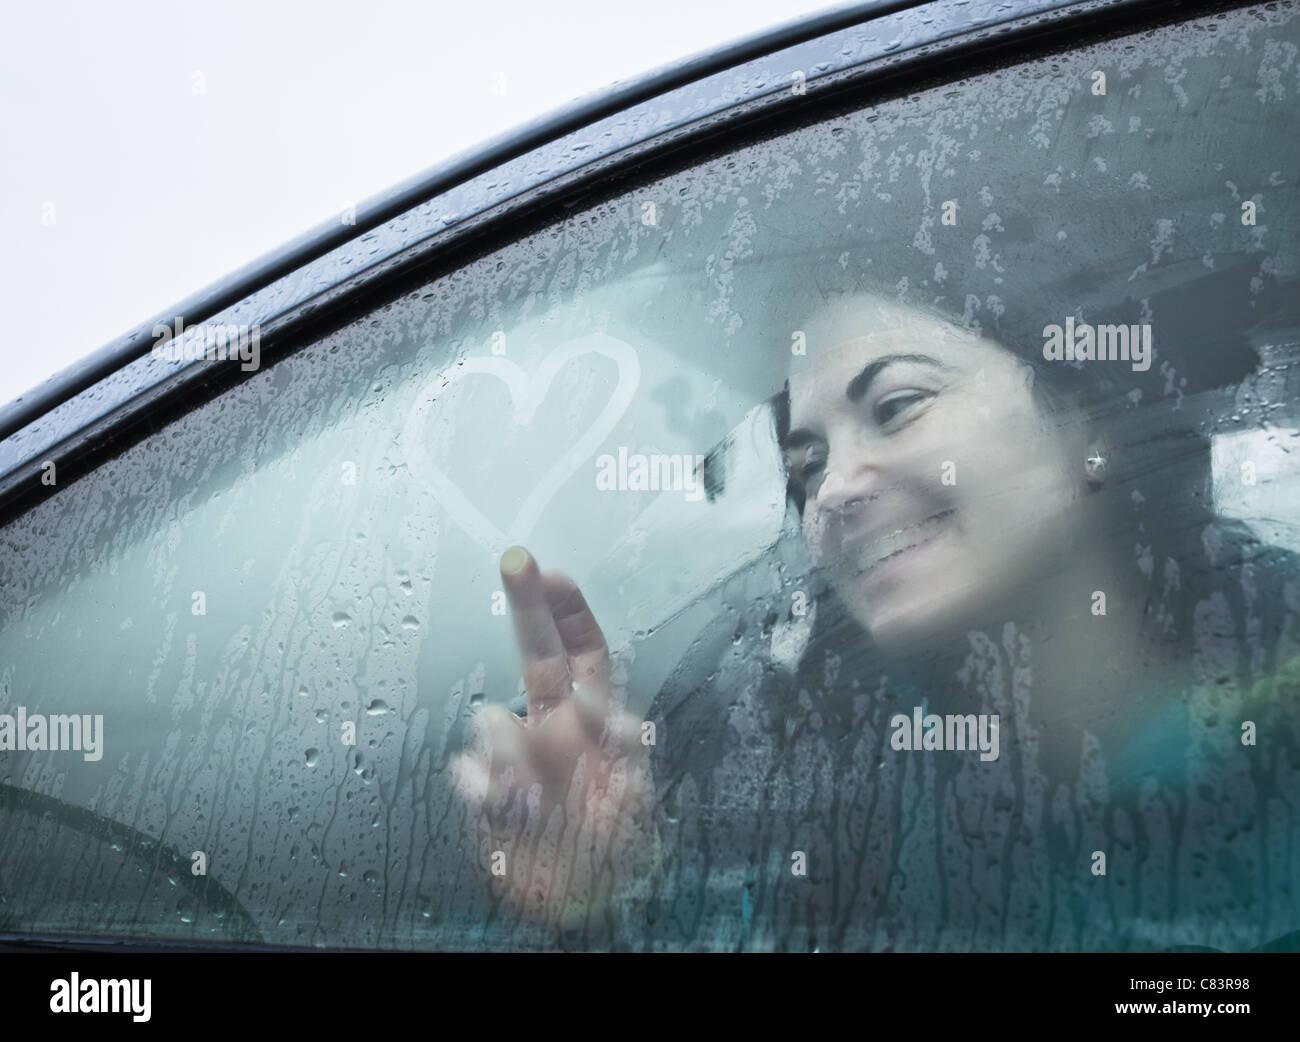 Ragazza adolescente disegno sul bagnato la finestra auto Immagini Stock